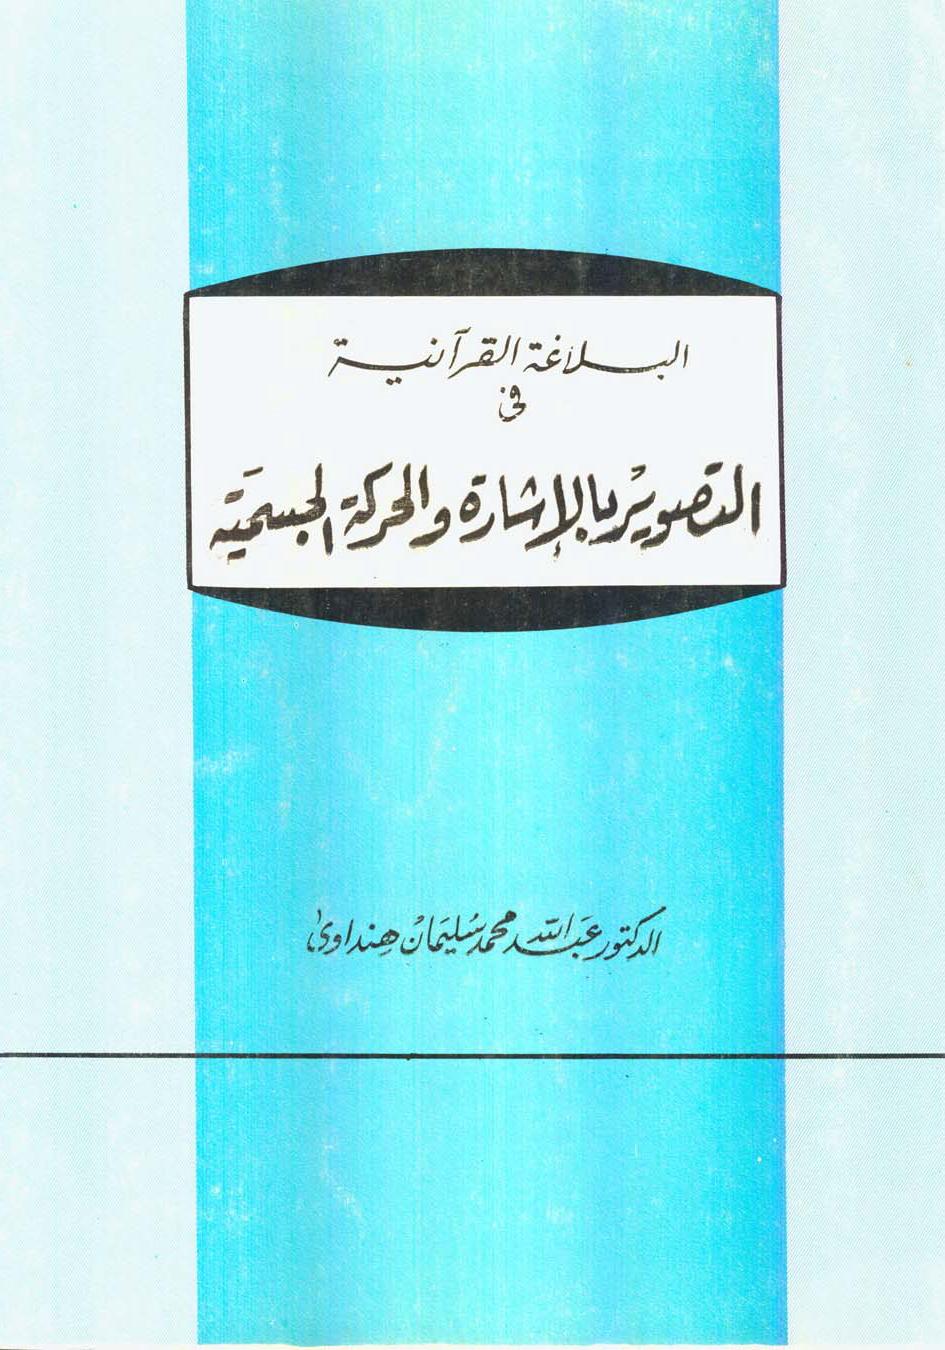 تحميل كتاب البلاغة القرآنية في التصوير بالإشارة والحركة الجسمية لـِ: الدكتور عبد الله محمد سليمان هنداوي